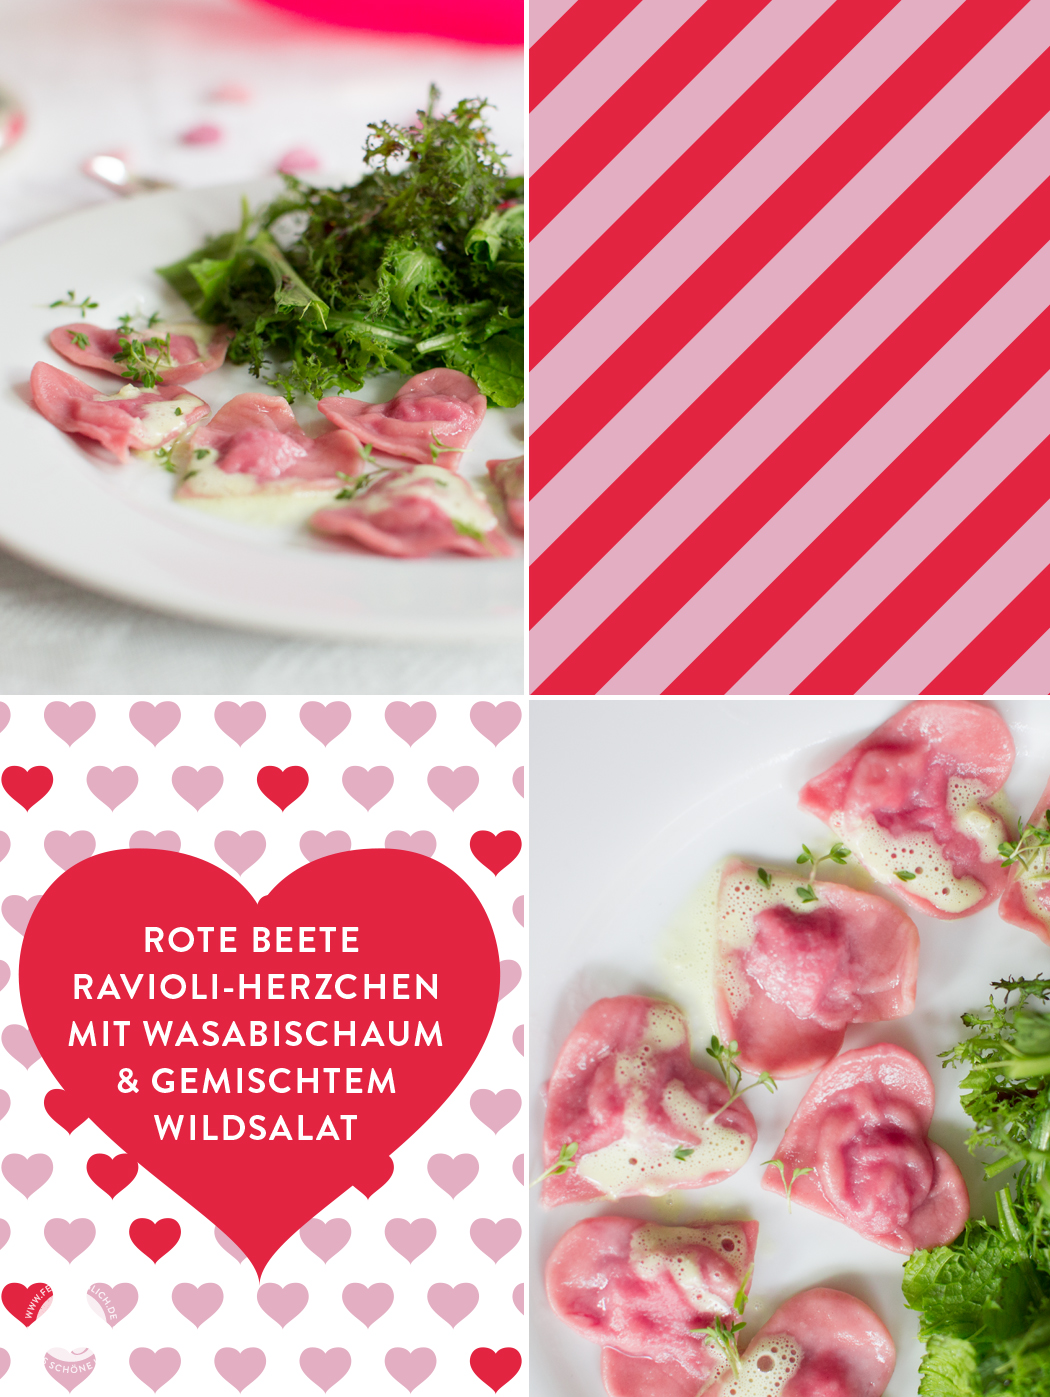 Menü zum Valentinstag...Die Hauptspeise: Rote Beete Ravioli-Herzchen mit Wasabischaum und gemischten Wildsalaten